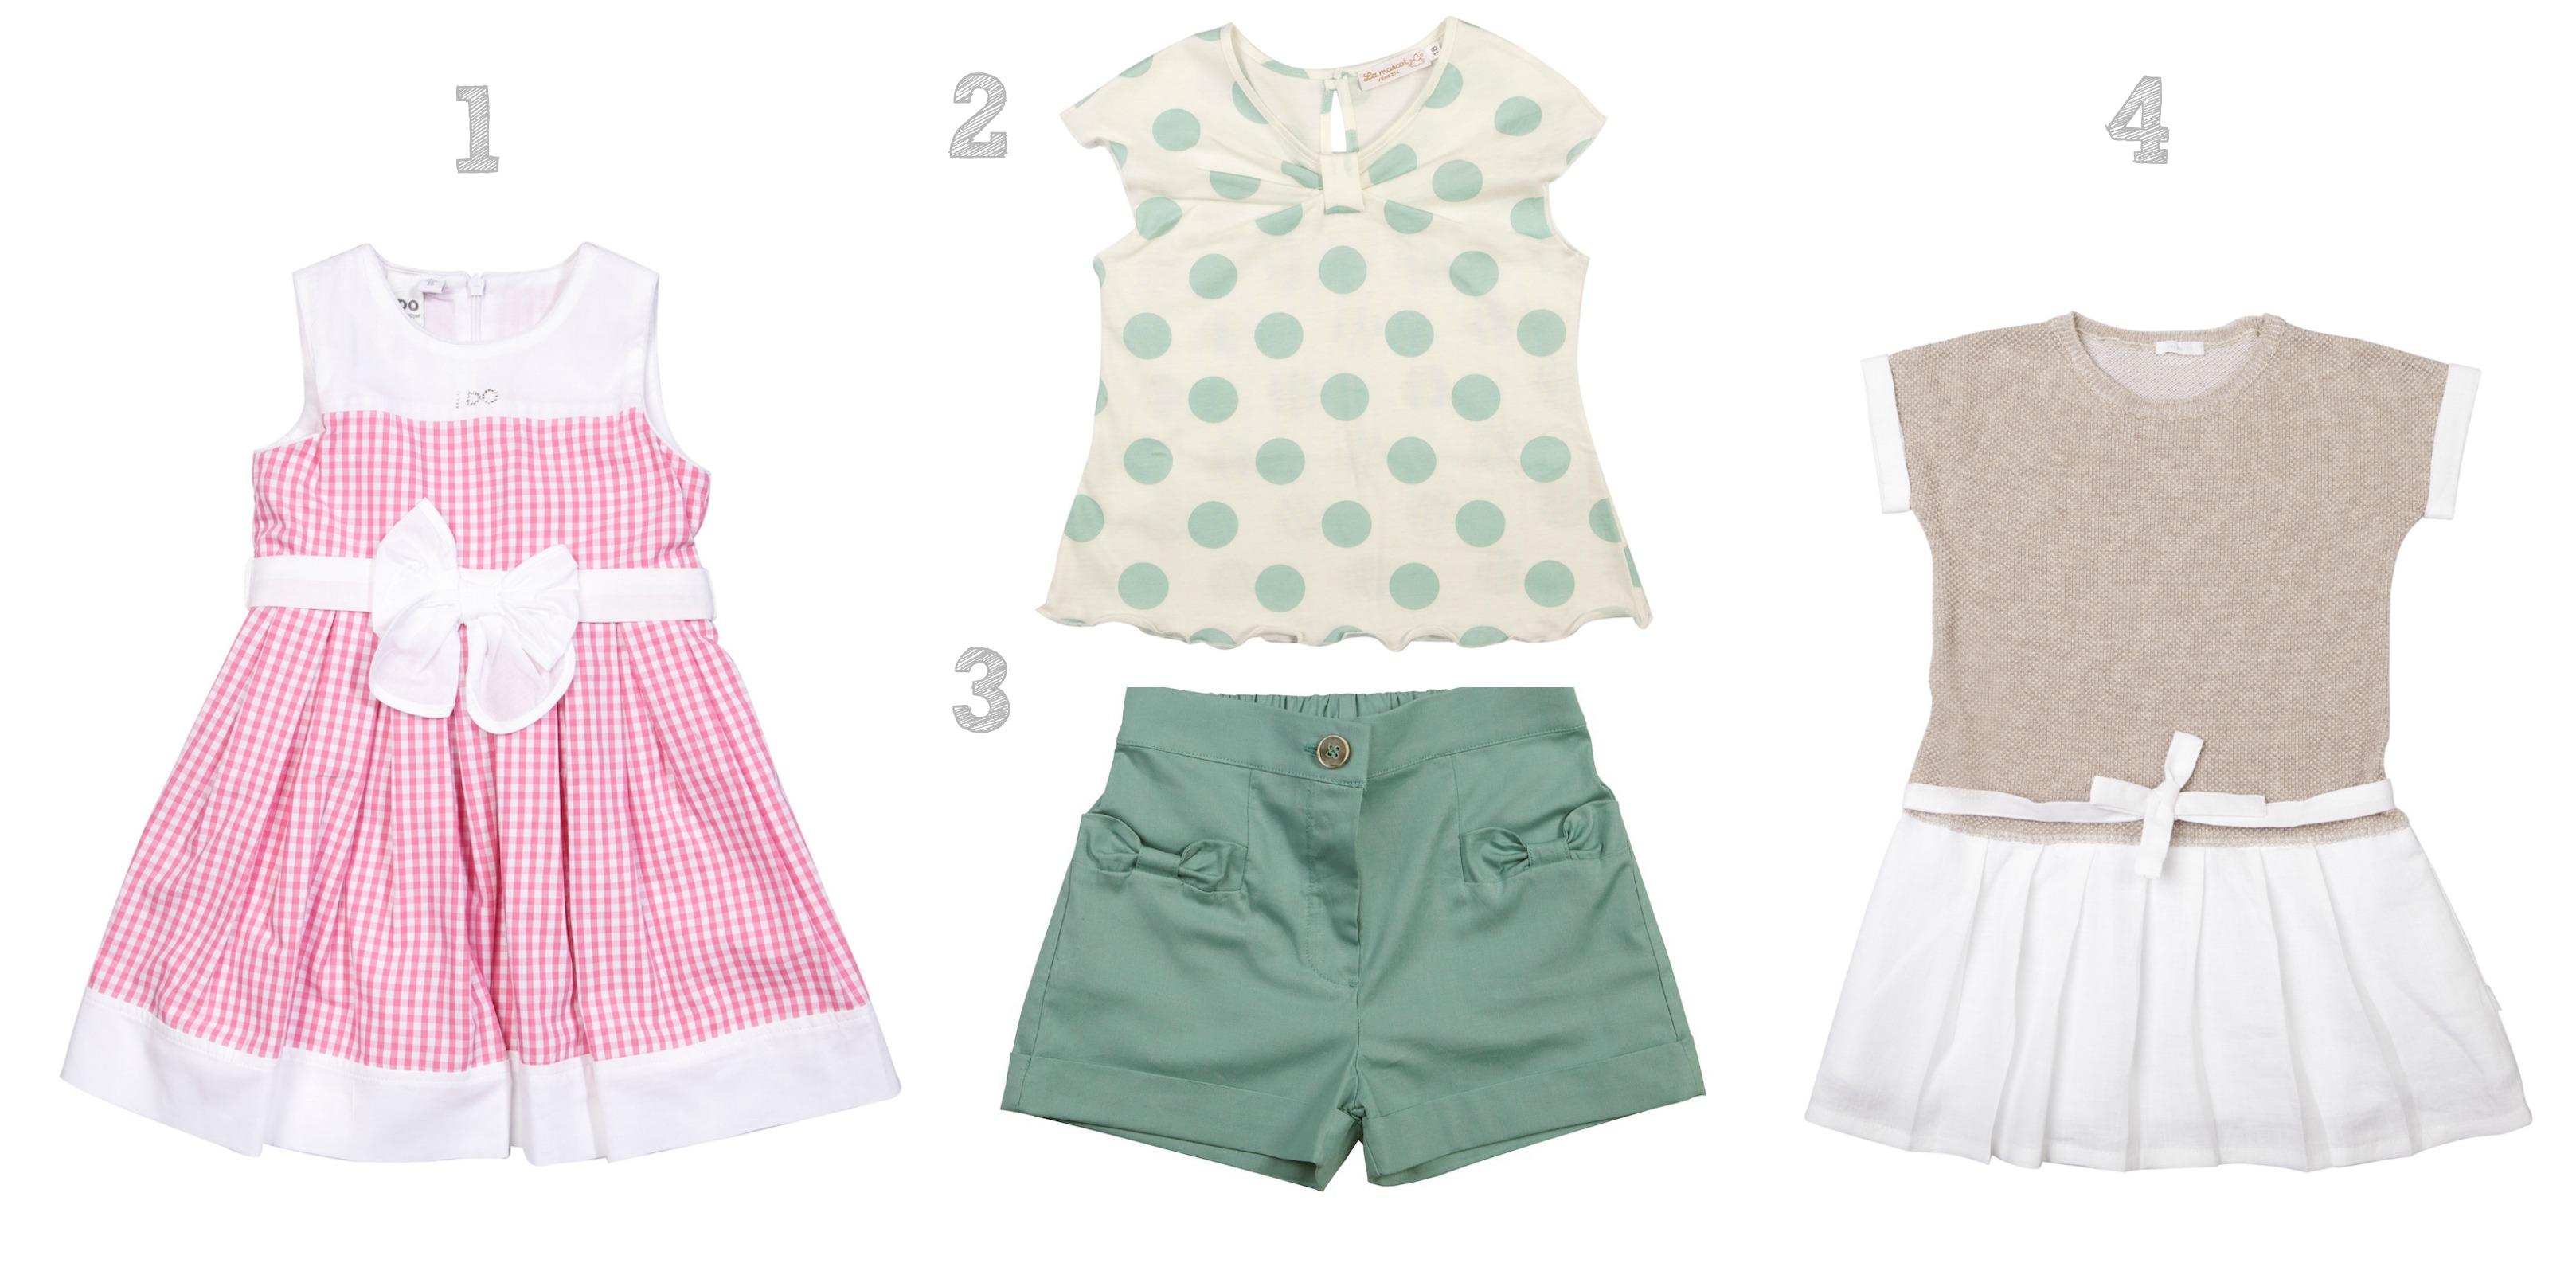 fb1530ab838c7 Abbigliamento estivo per neonati e bambini su Mamibu - BabyGreen